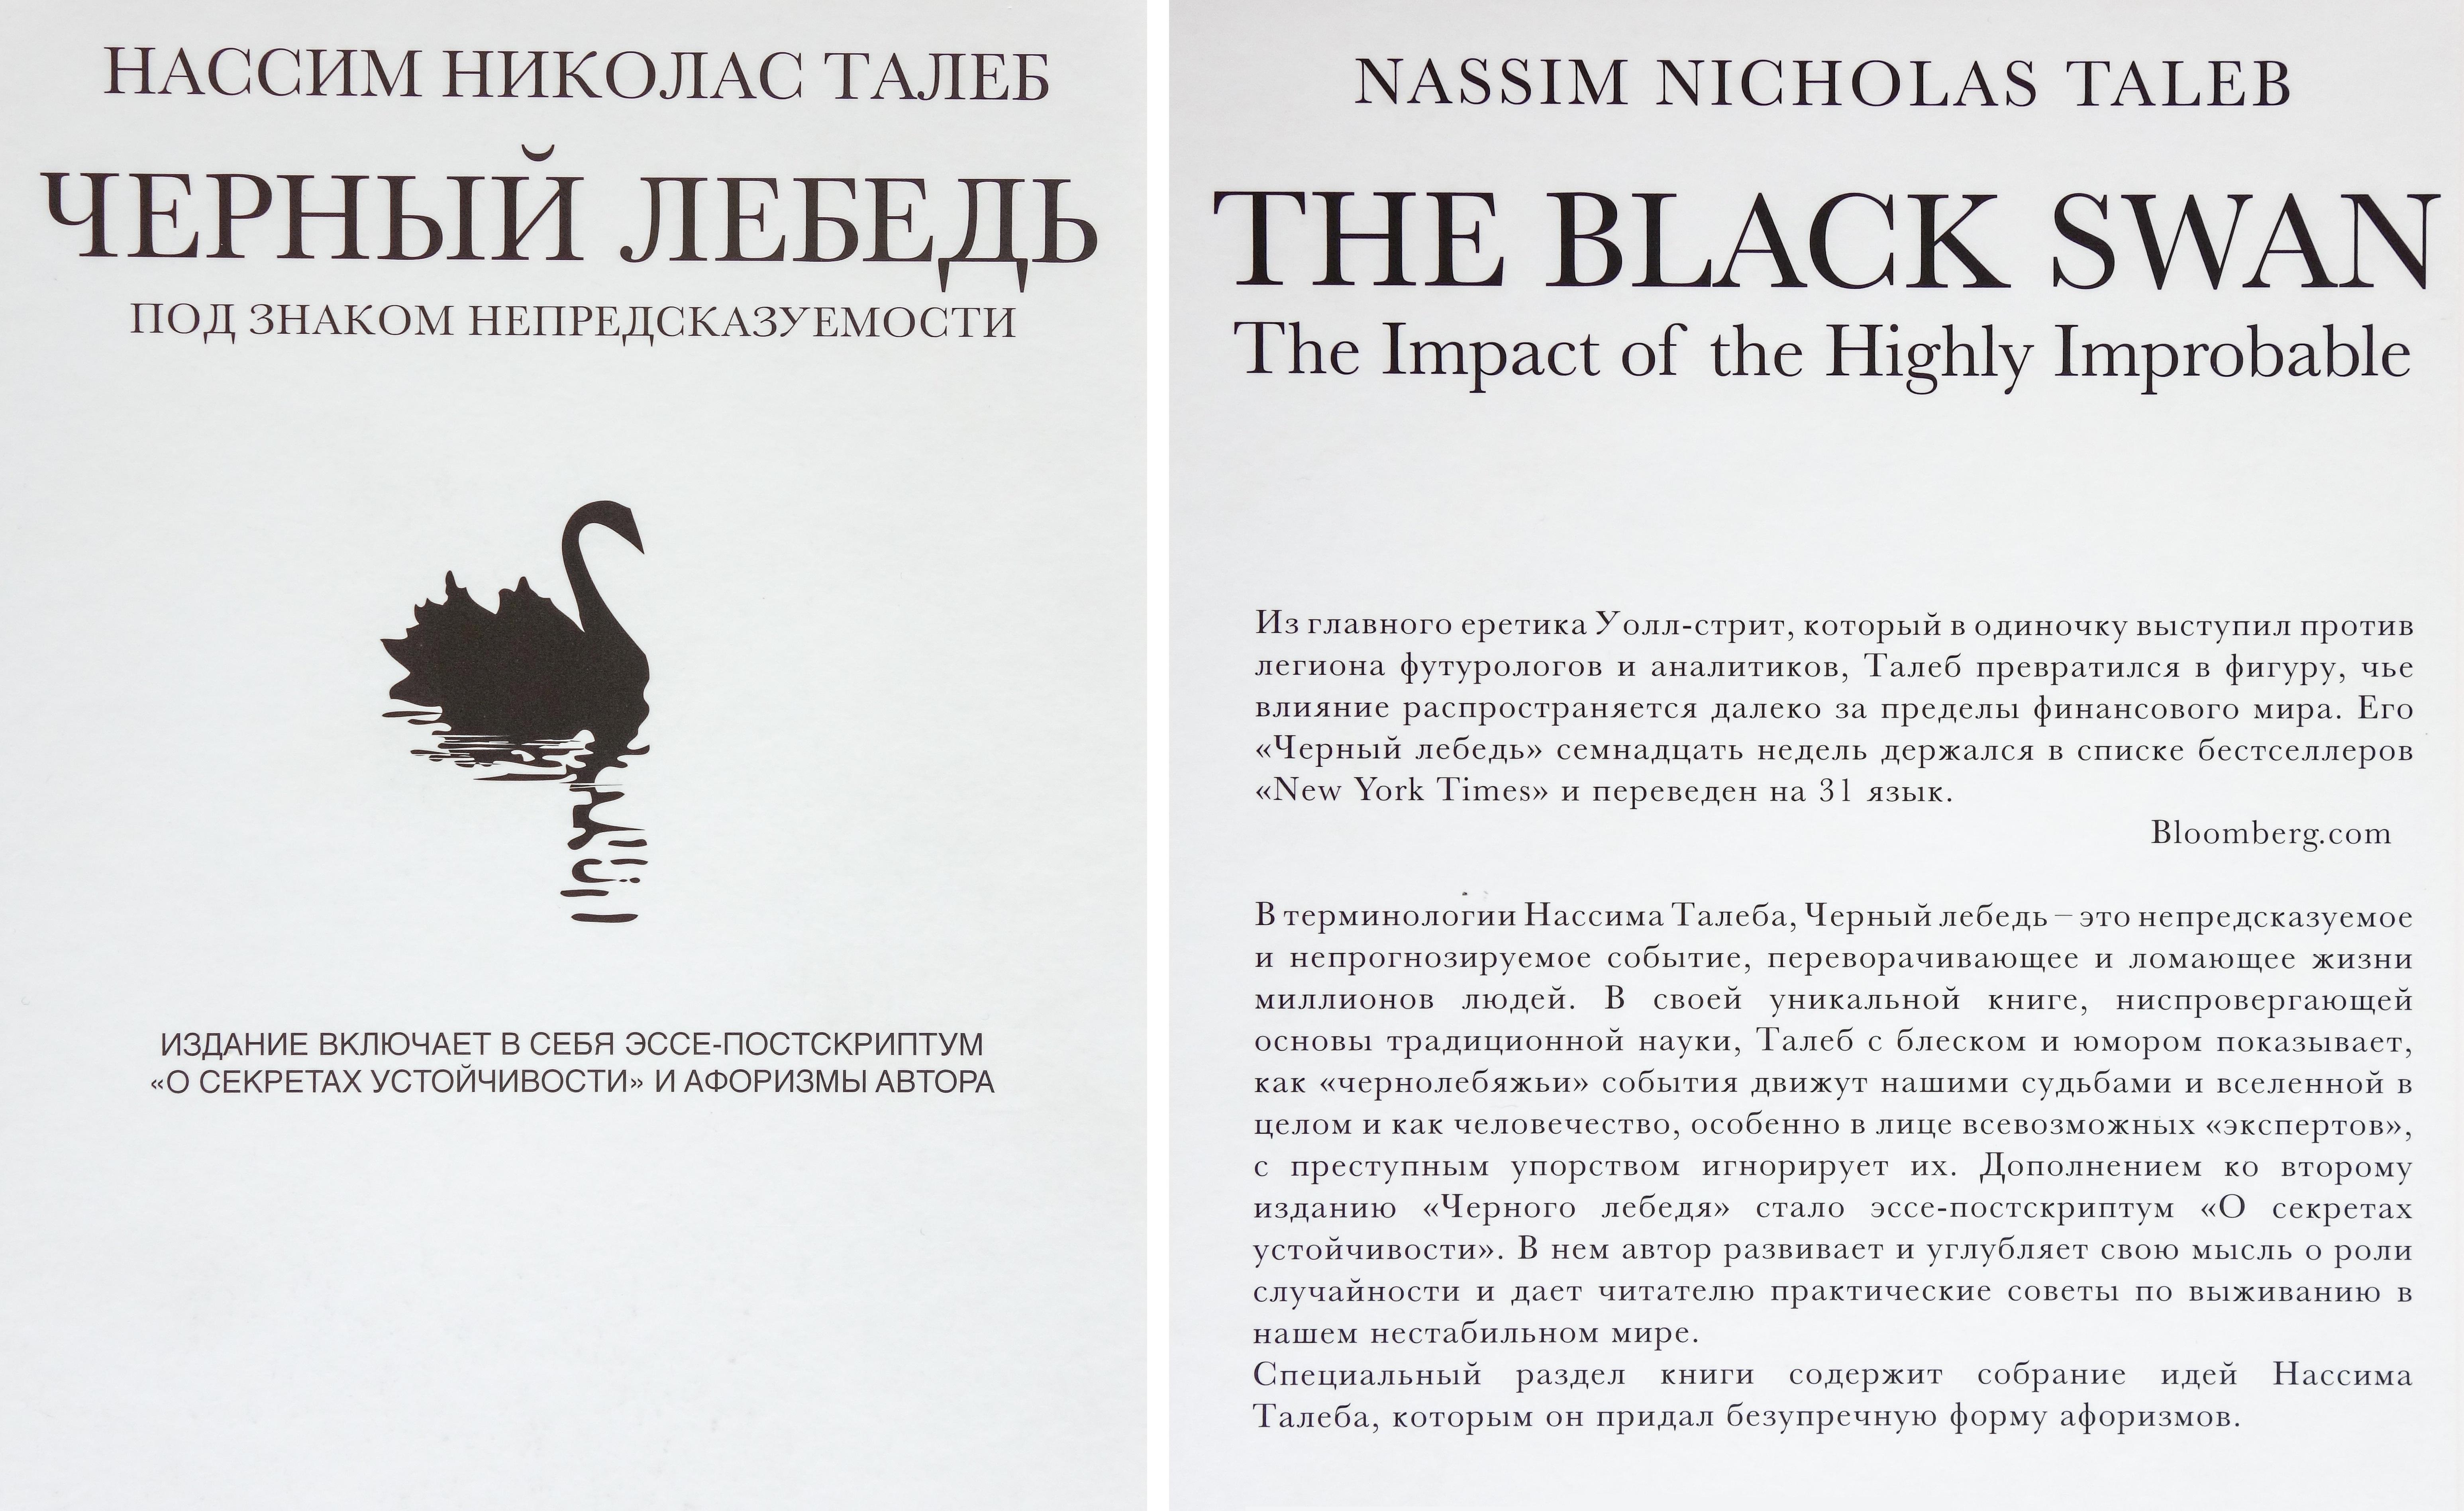 """Нассим Николас Талеб. """"Чёрный Лебедь. Под знаком непредсказуемости""""."""